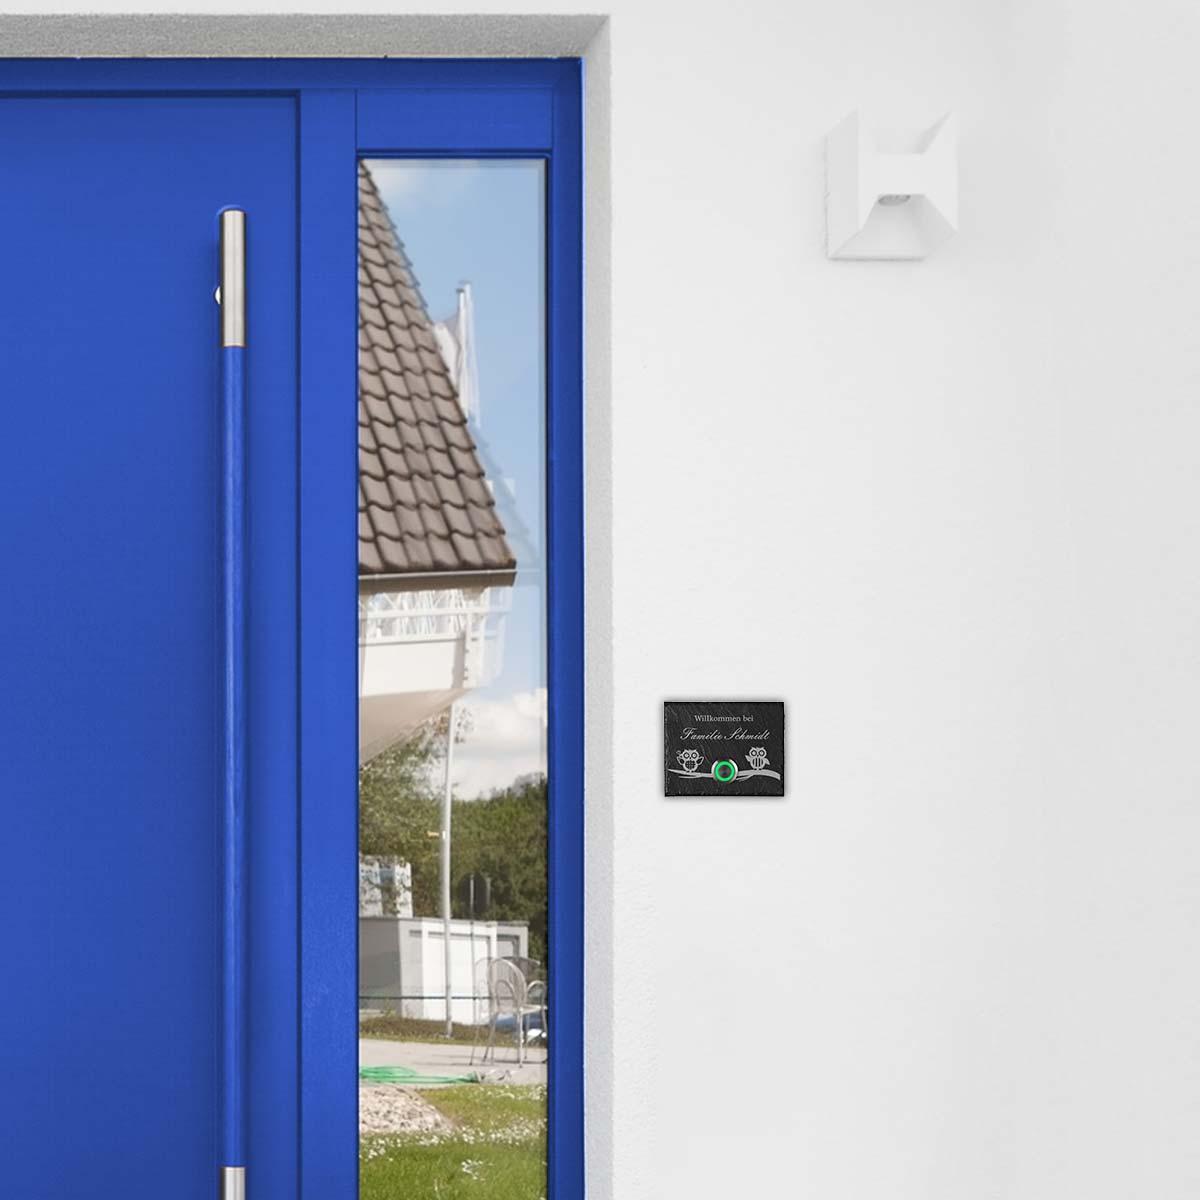 Gravur Motiv Familienname LED Türklingel aus Schiefer Model Elster inkl